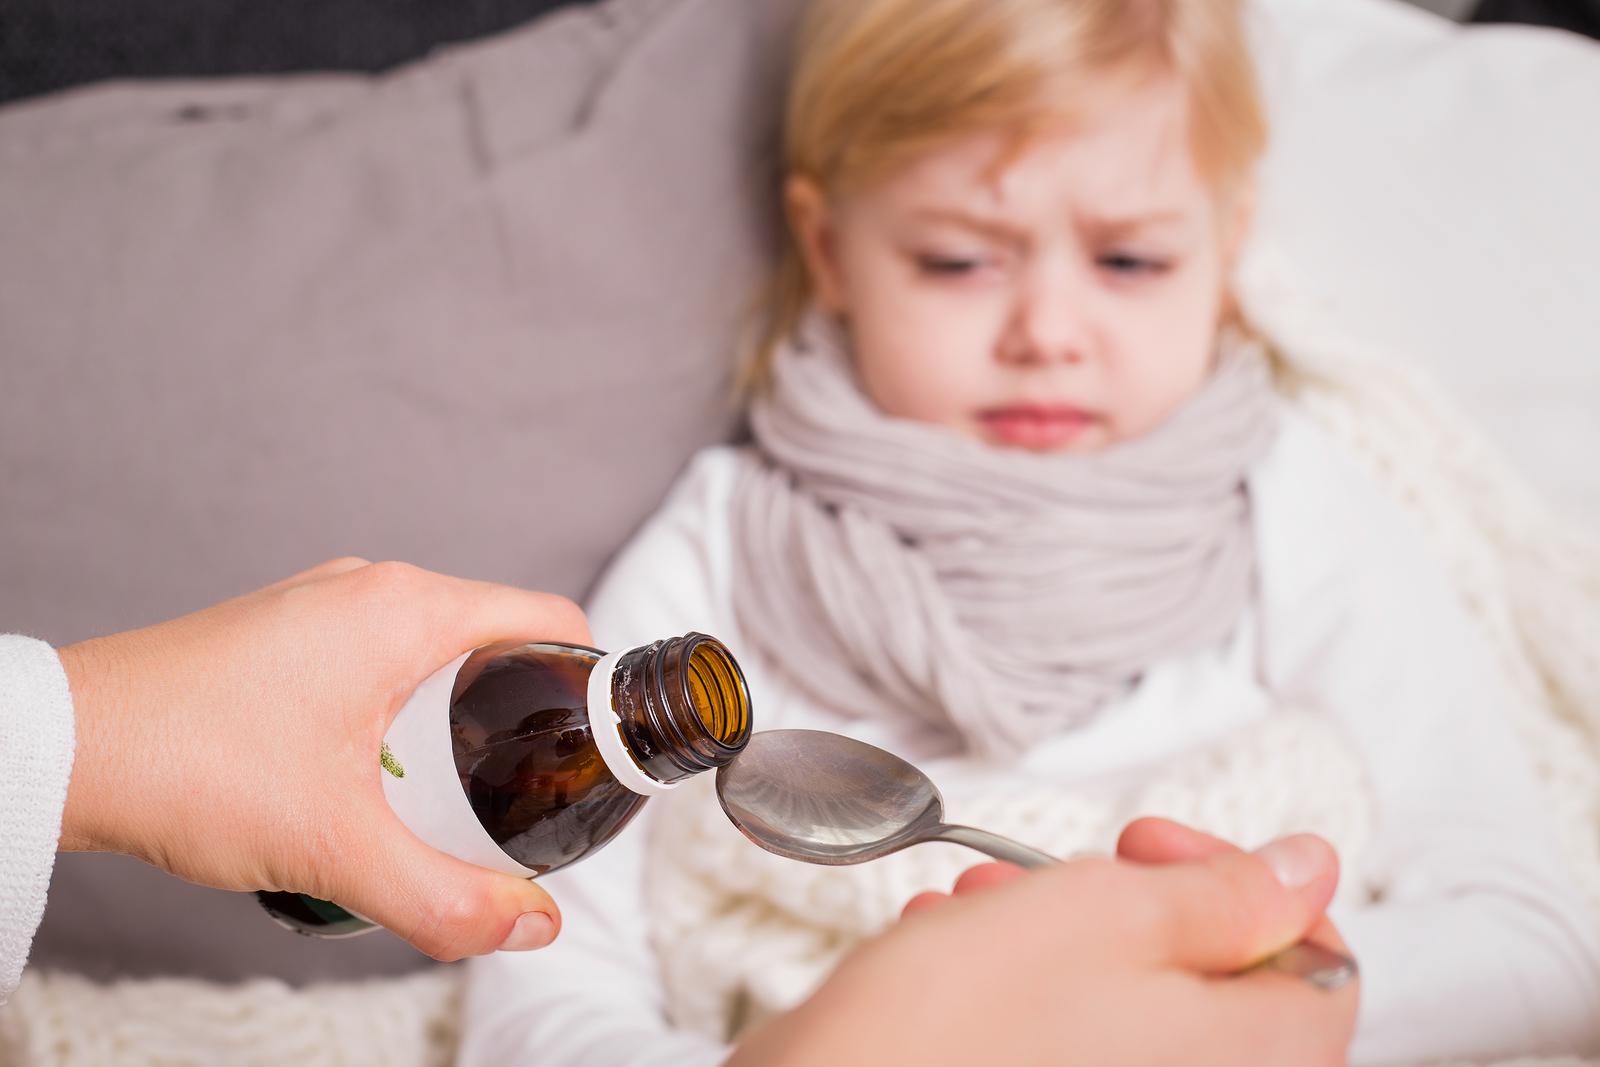 zapalenie krtani u dzieci objawy pryzczyny